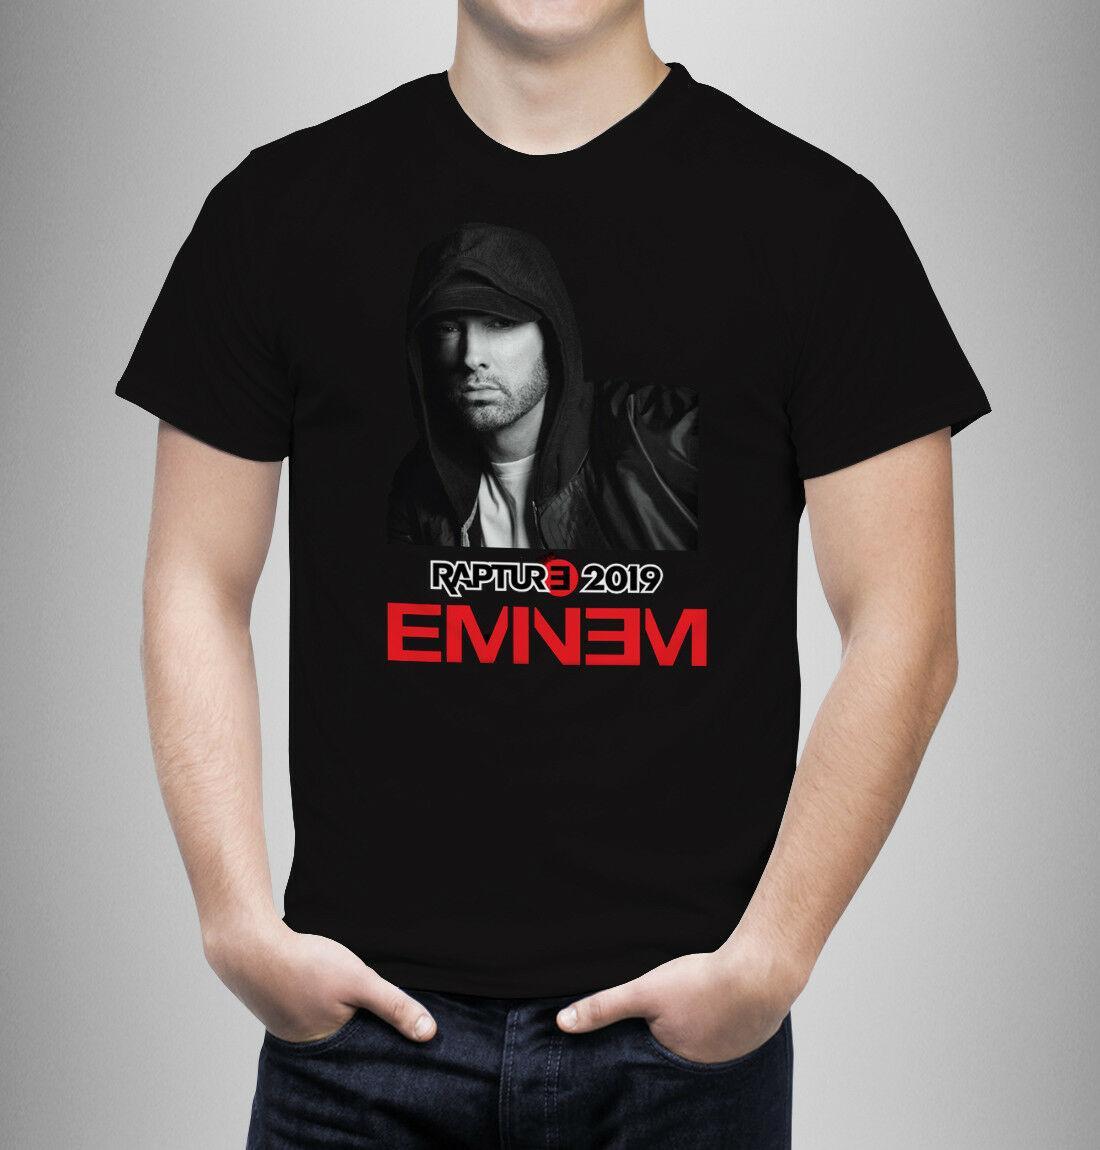 Eminem t-shirt Slim Shady tee Gift Music RAPTURE TOUR Tshirt New ticket Aus  2019 Funny free shipping Casual Tshirt